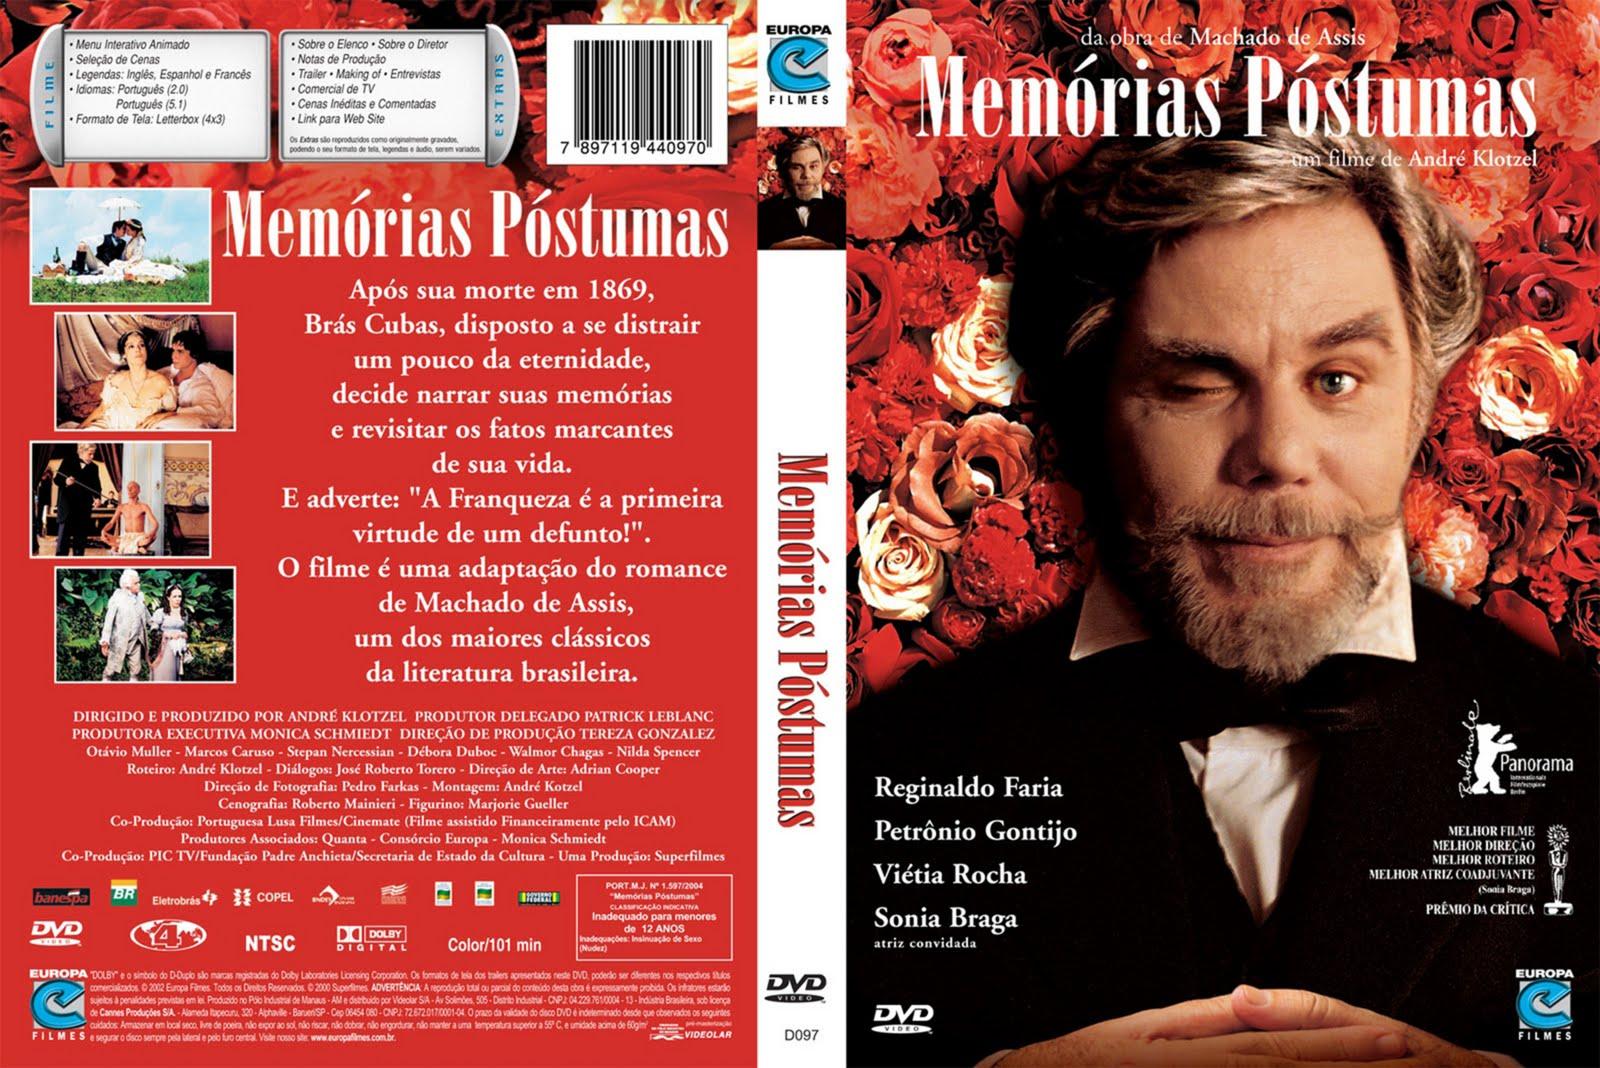 Filme é baseado no romance realista de Machado de Assis